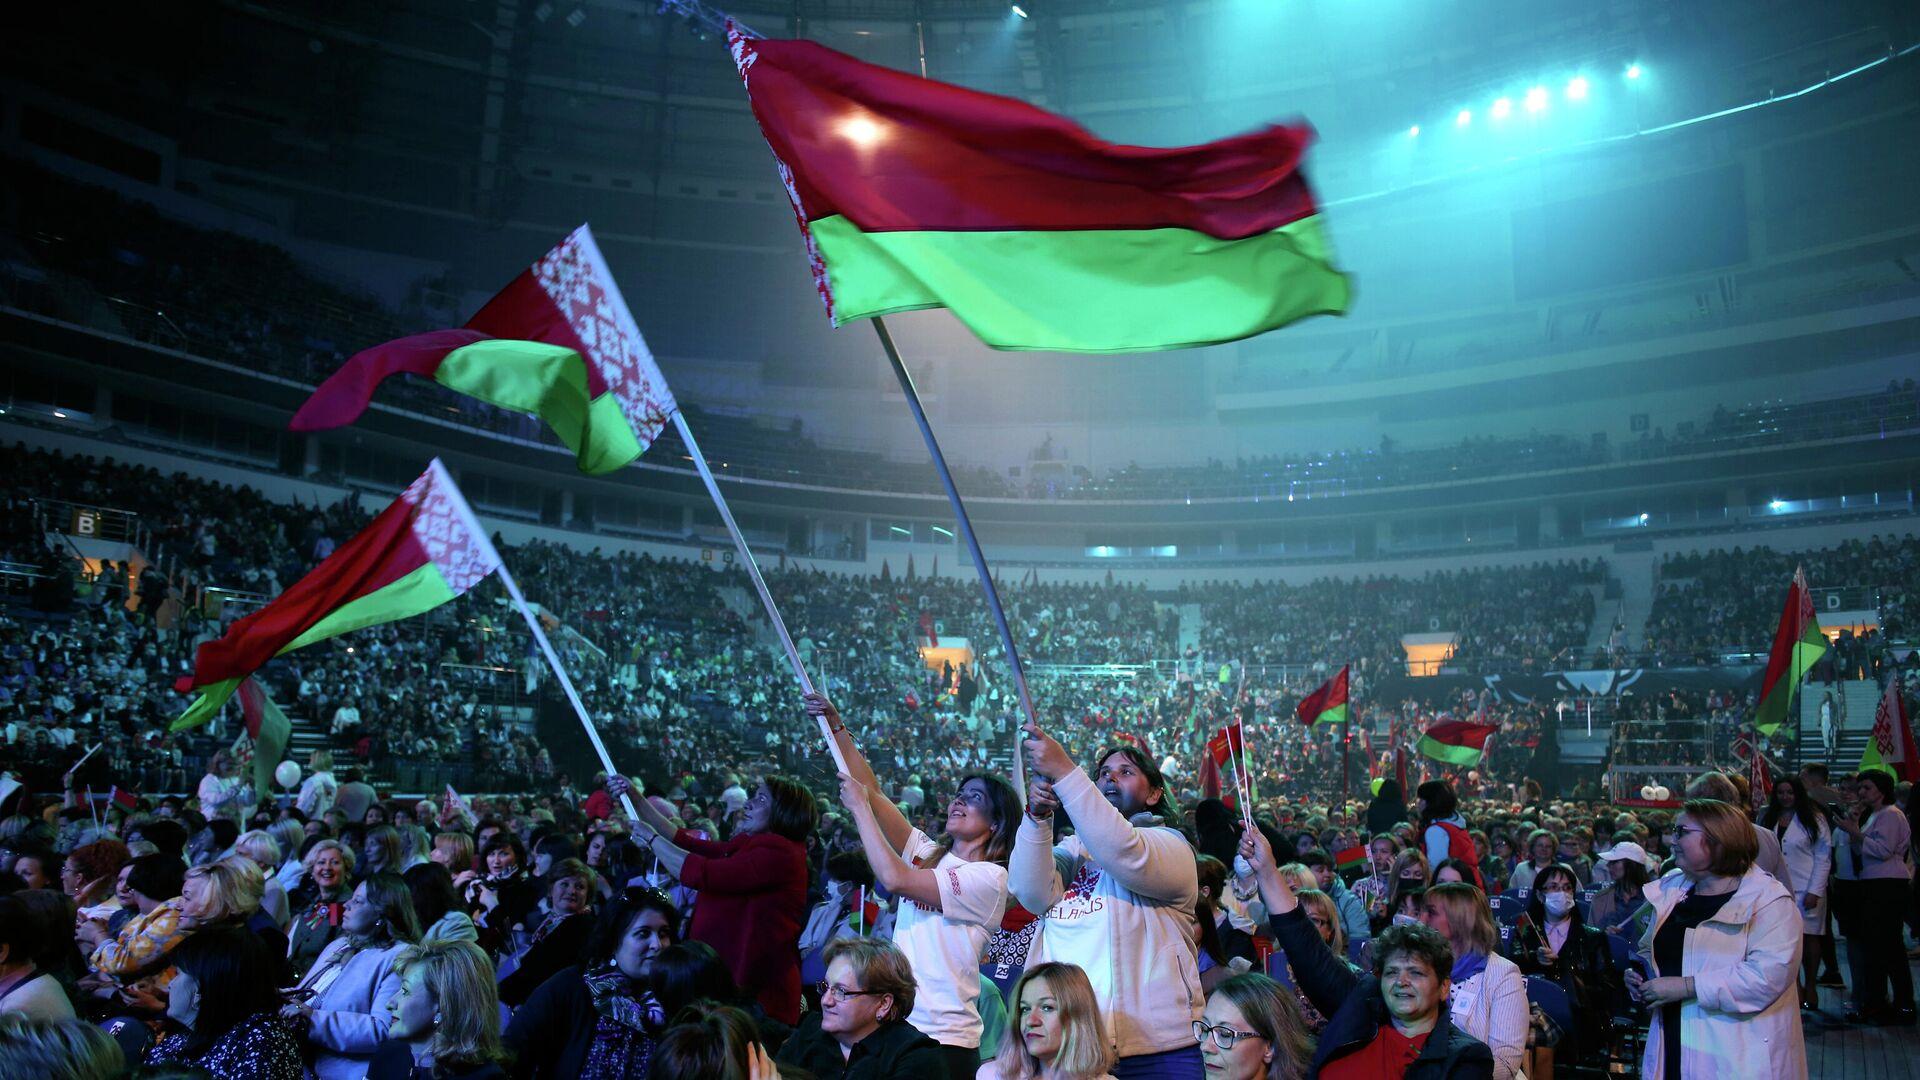 Участники форума в Минске с флагами Белоруссии во время выступления президента Белоруссии Александра Лукашенко - РИА Новости, 1920, 02.10.2020